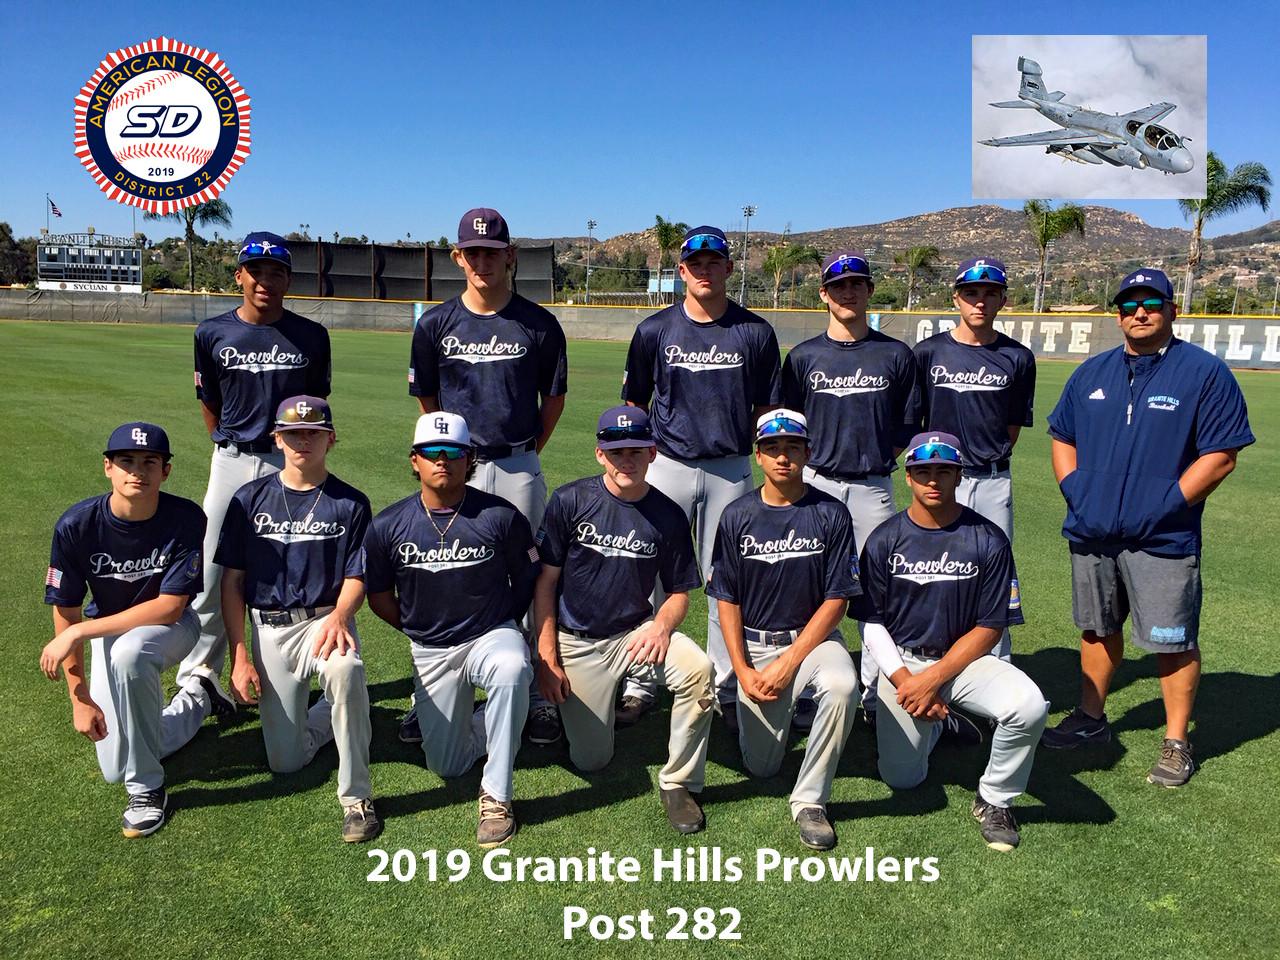 Post 282 Granite Hills Prowlers